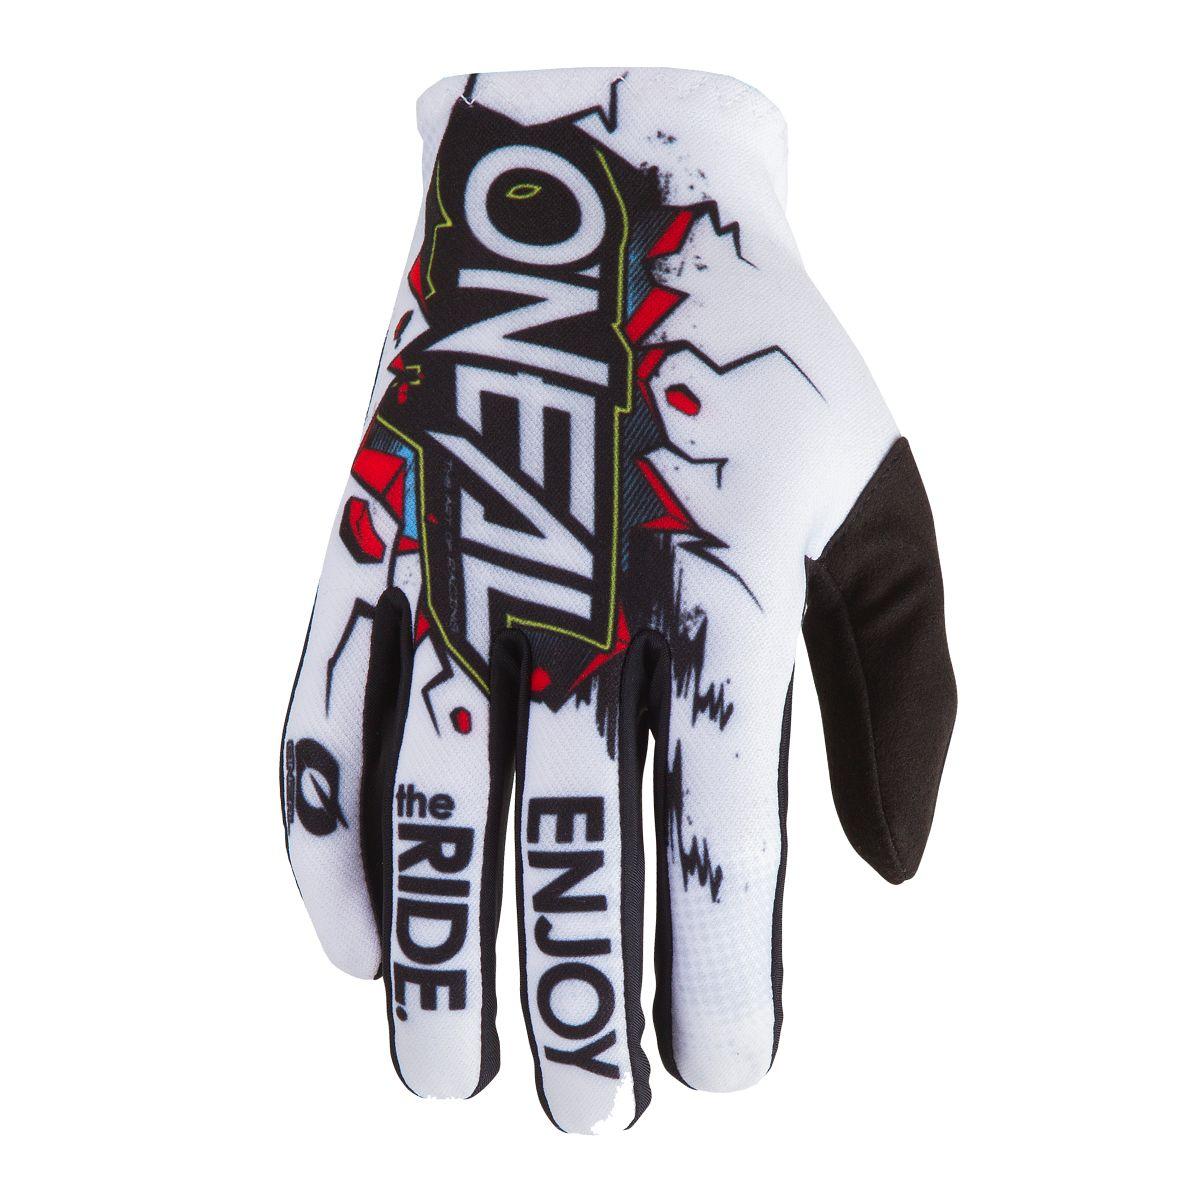 ONeal Handschuhe Moto Cross Mountain Bike MTB DH Motorrad Fahrrad schwarz weiss